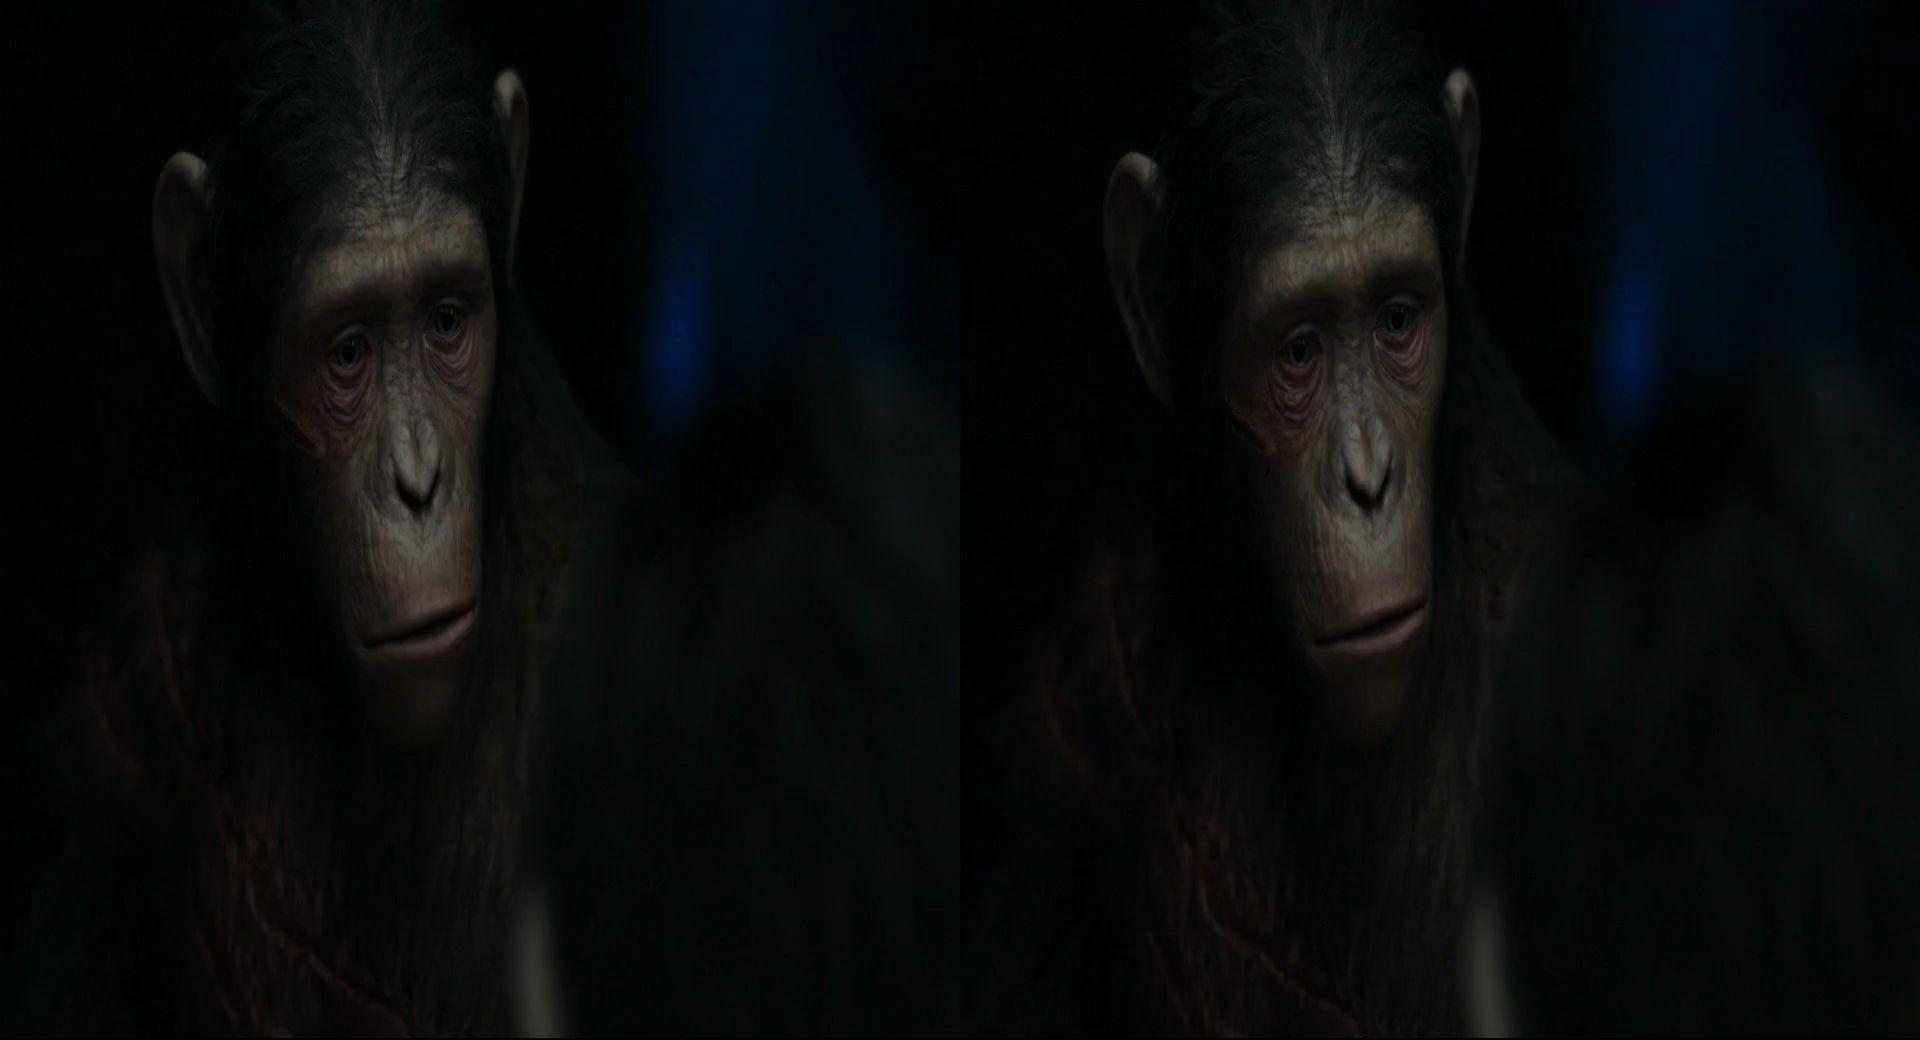 Планета обезьян: революция 3d скачать торрент.